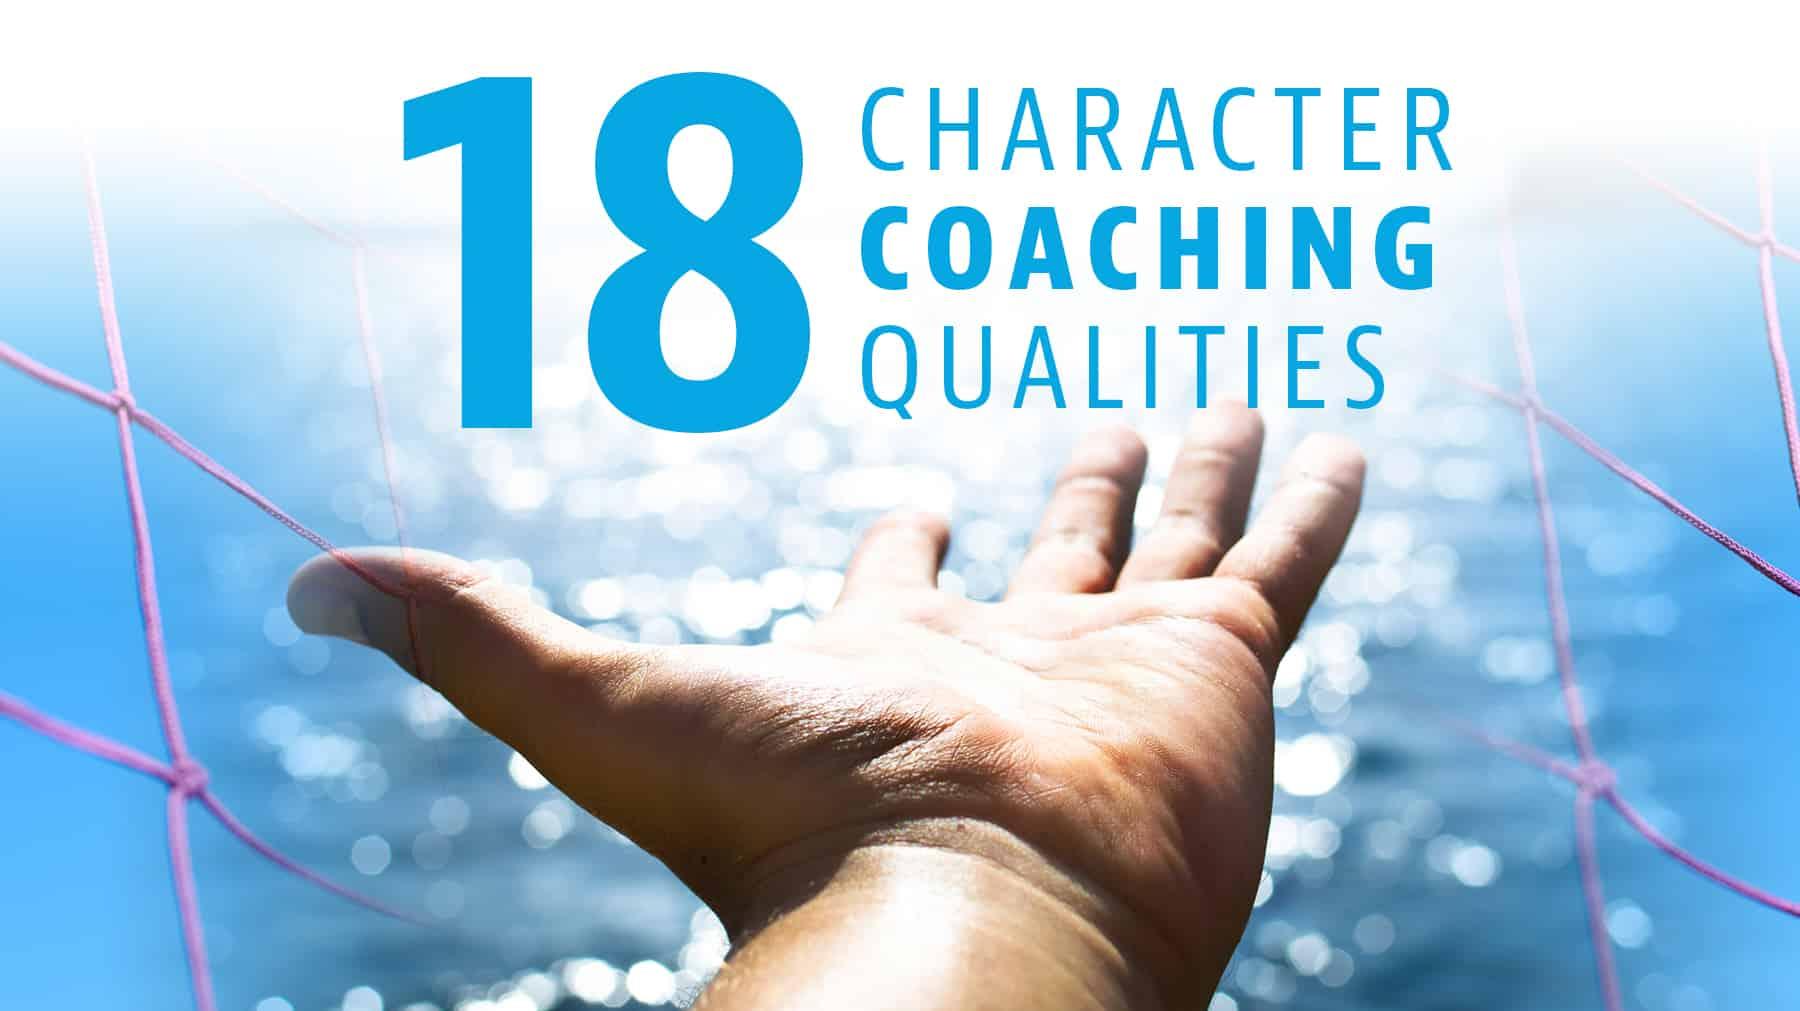 18 character coaching qualities